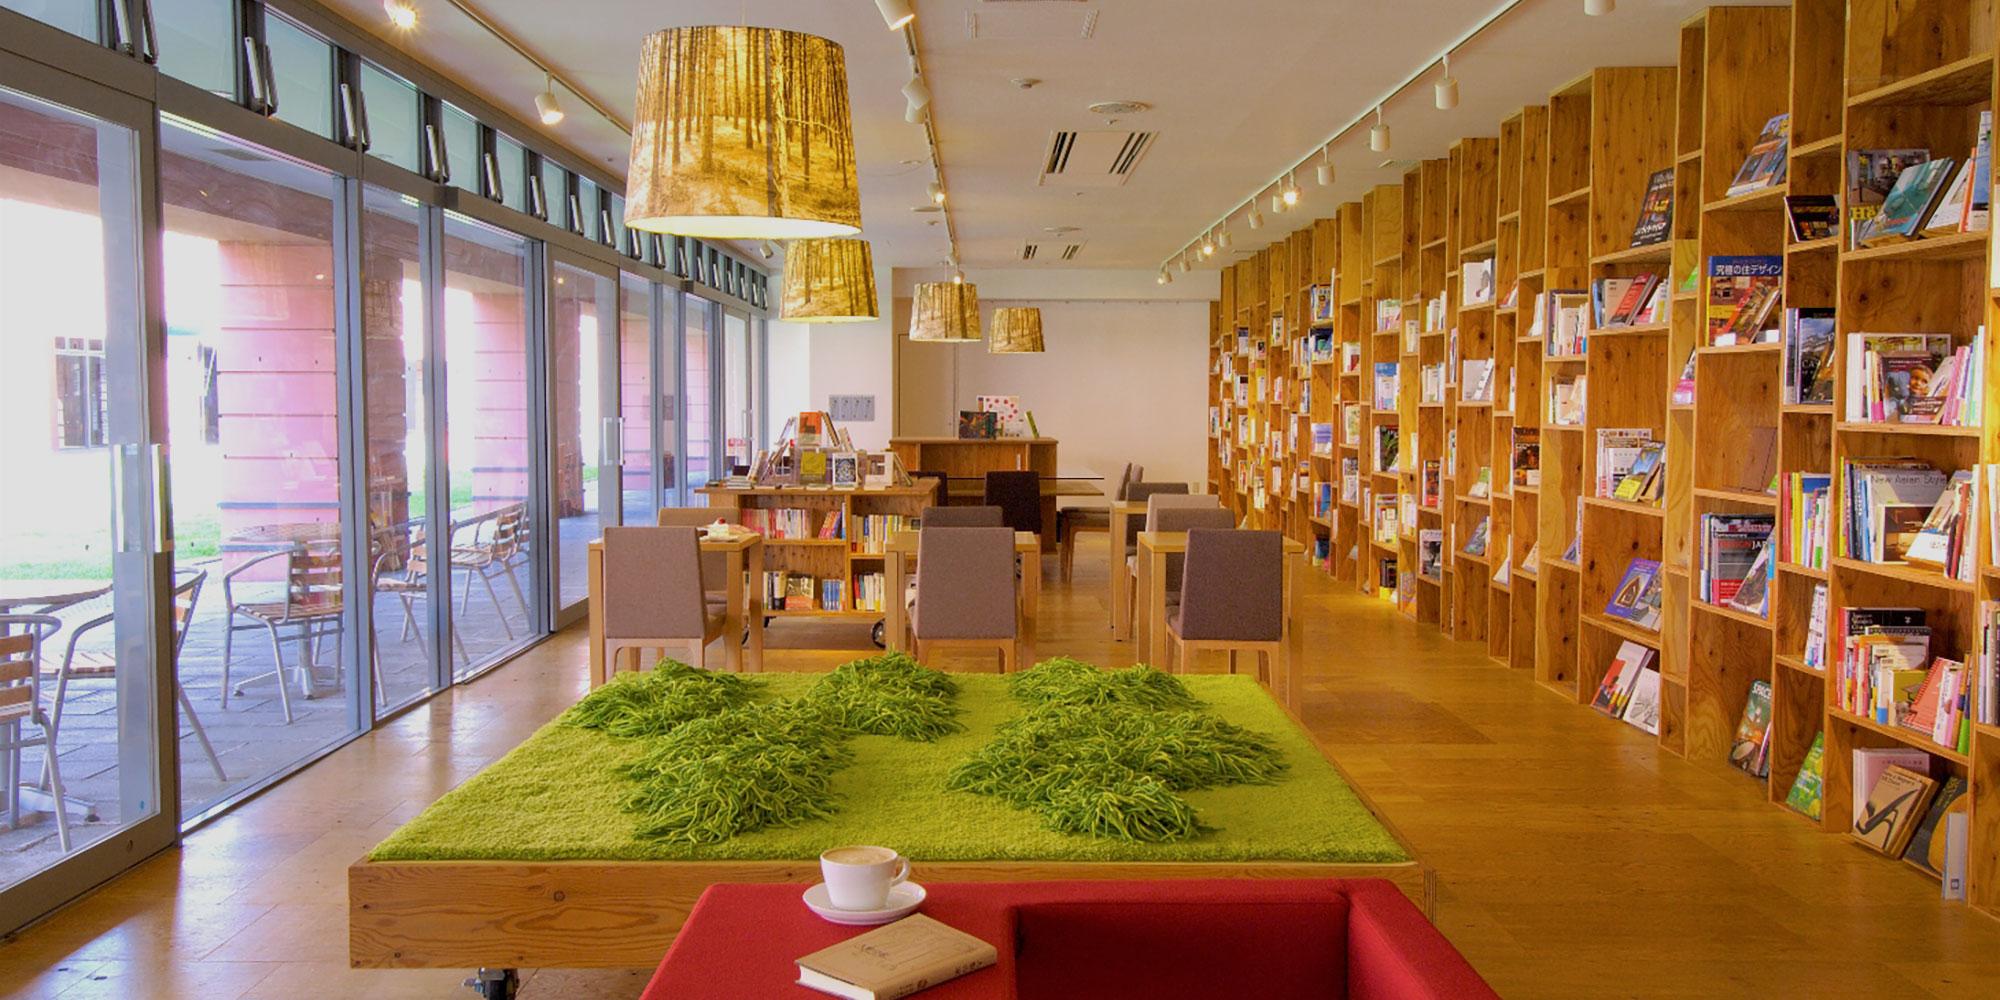 ブックス カフェ 公式 星野リゾート リゾナーレ八ヶ岳 大自然の